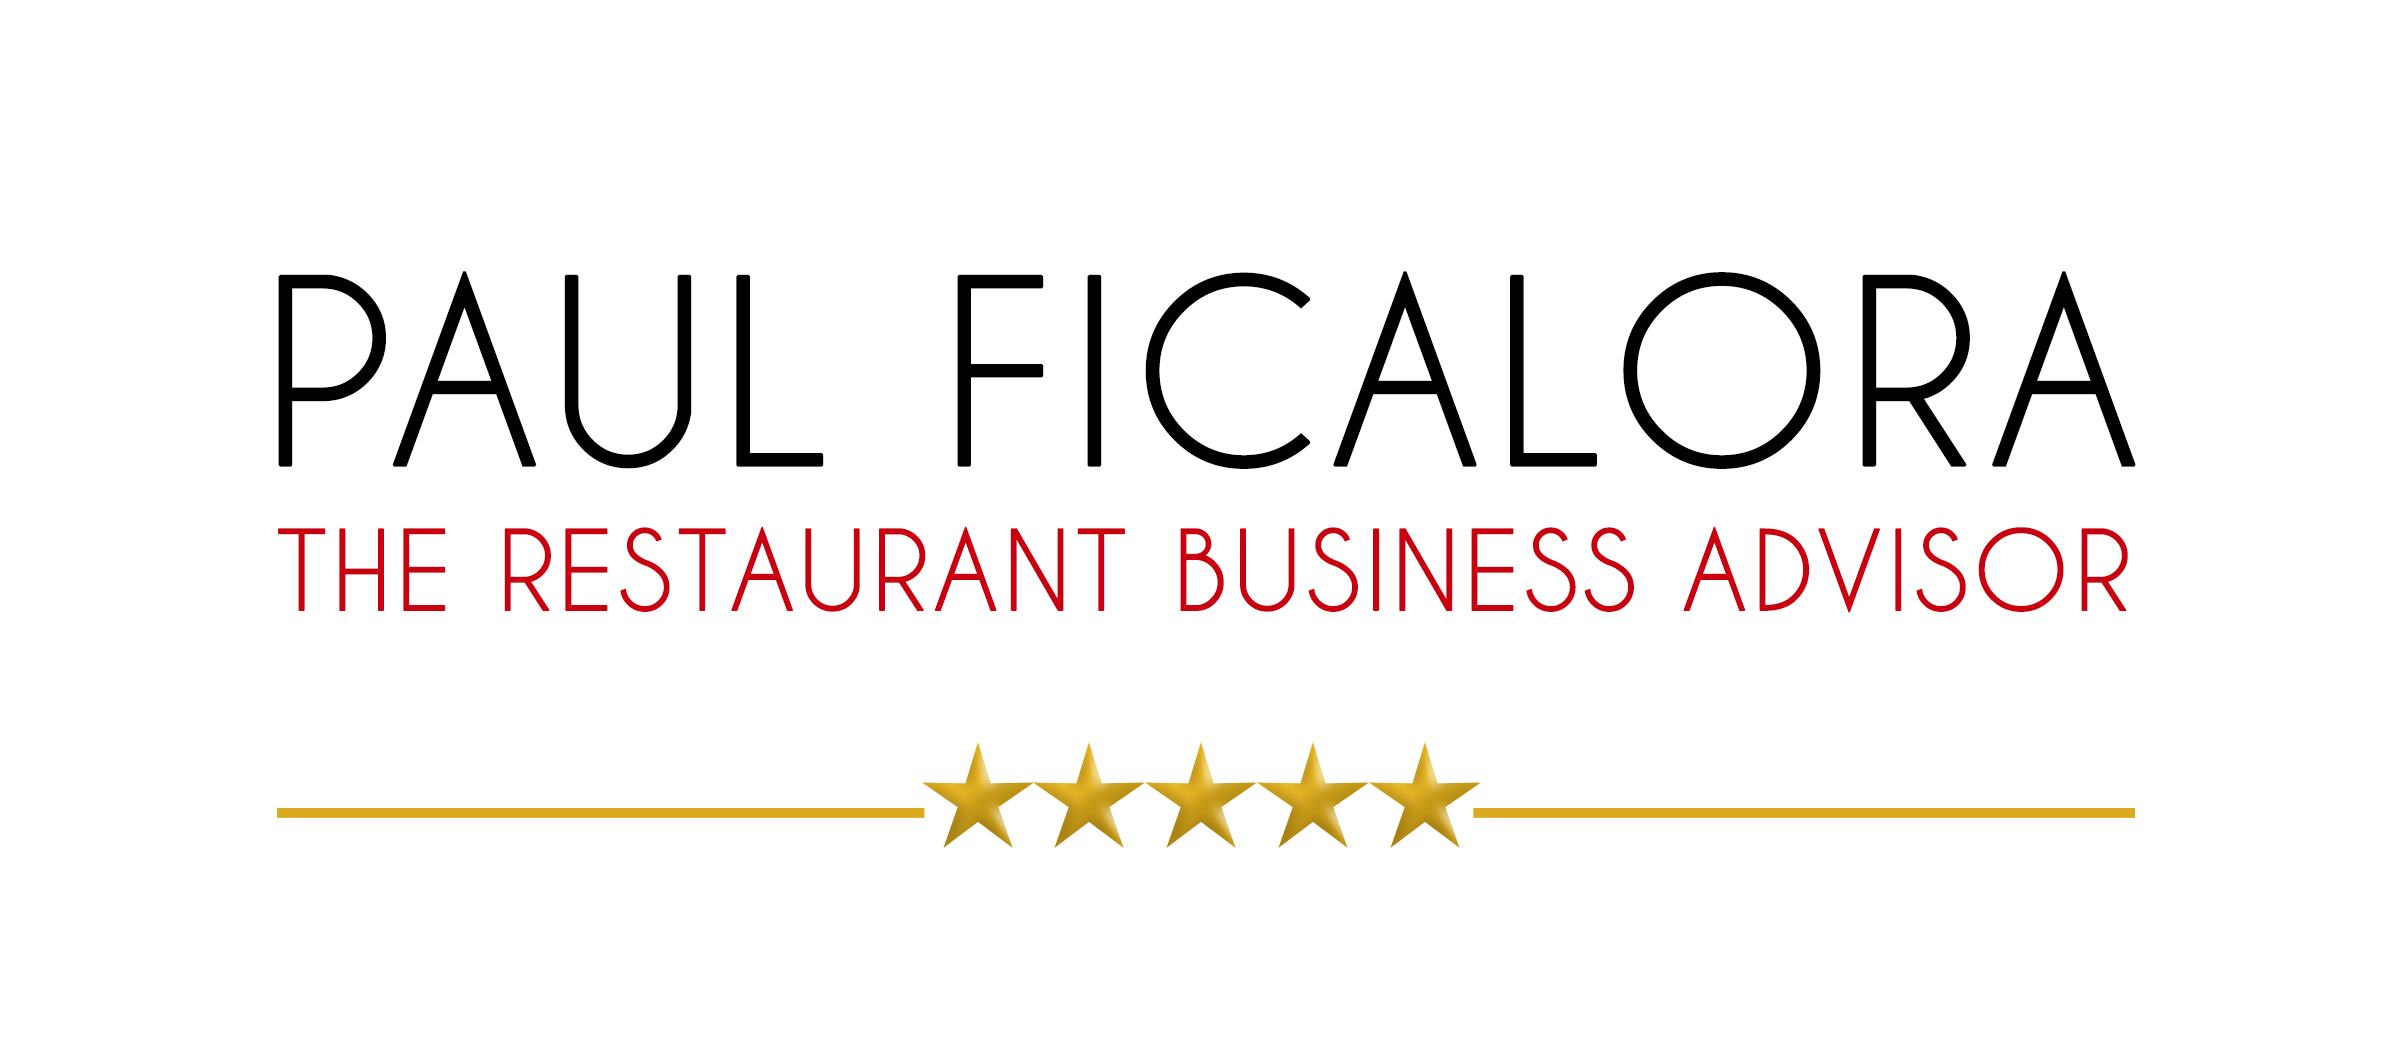 Paul Ficalora final logo.jpg